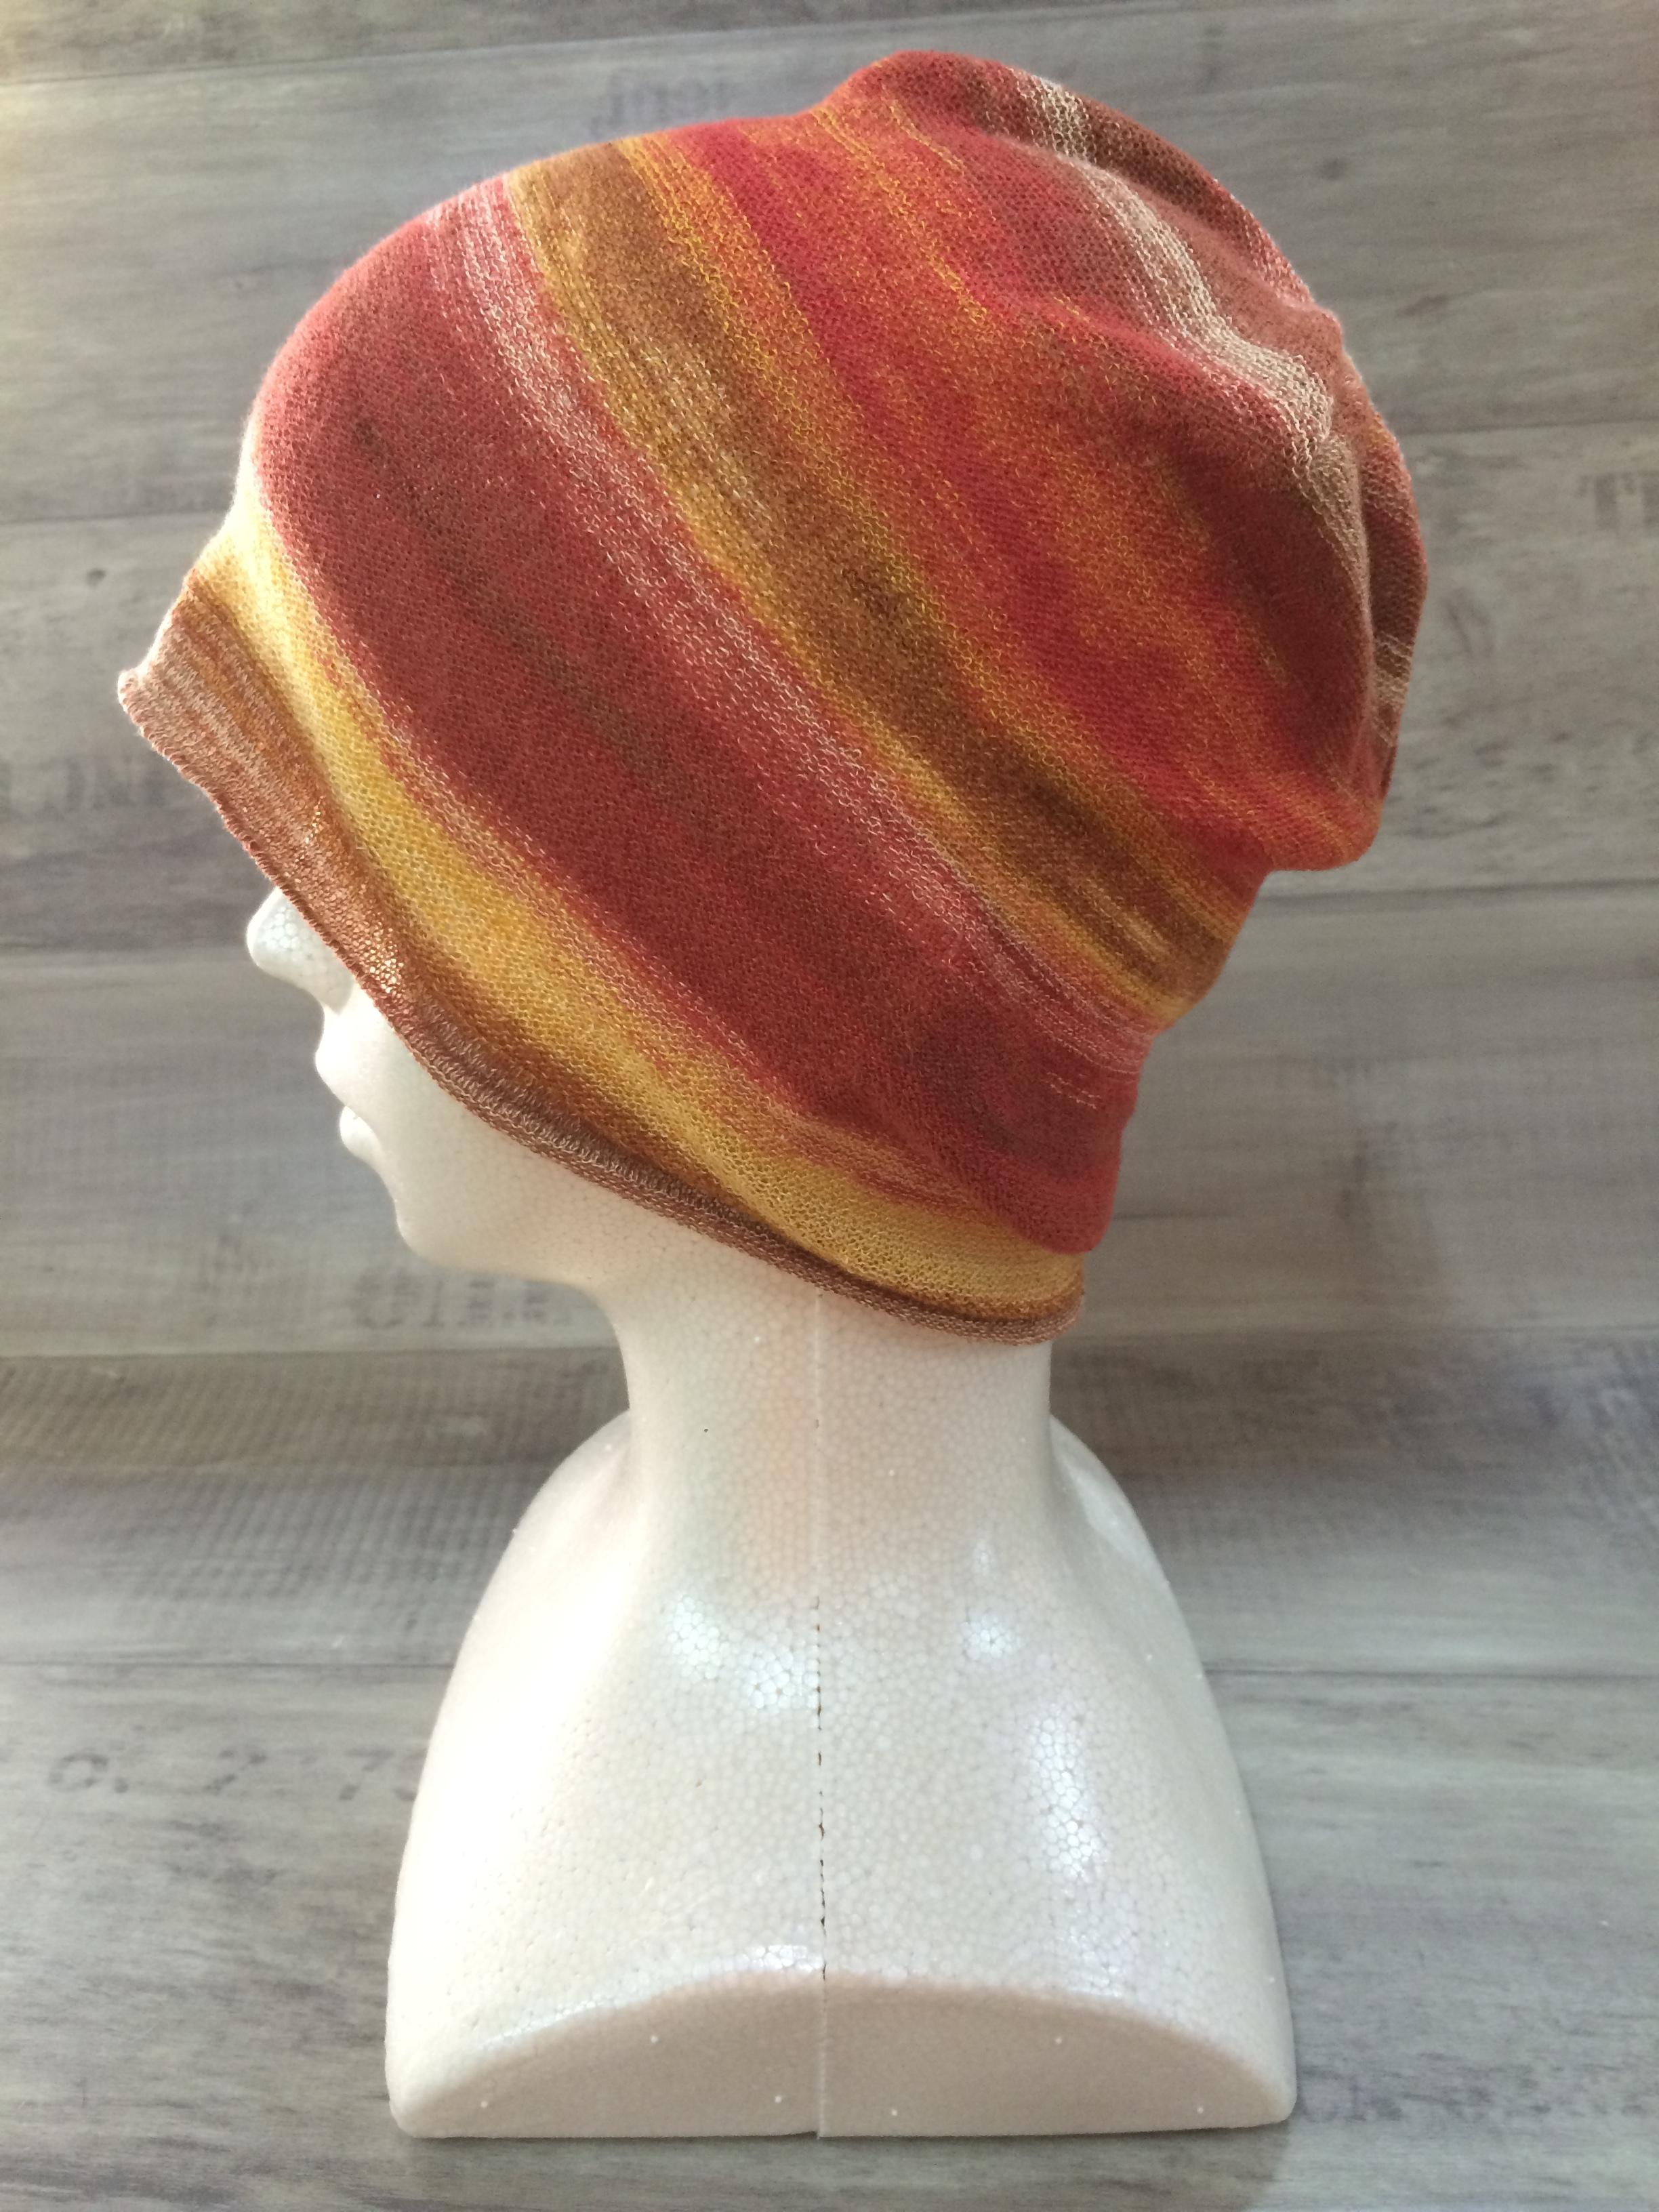 【送料無料】こころが軽くなるニット帽子amuamu|新潟の老舗ニットメーカーが考案した抗がん治療中の脱毛ストレスを軽減する機能性と豊富なデザイン NB-6059|初茜(はつあかね)